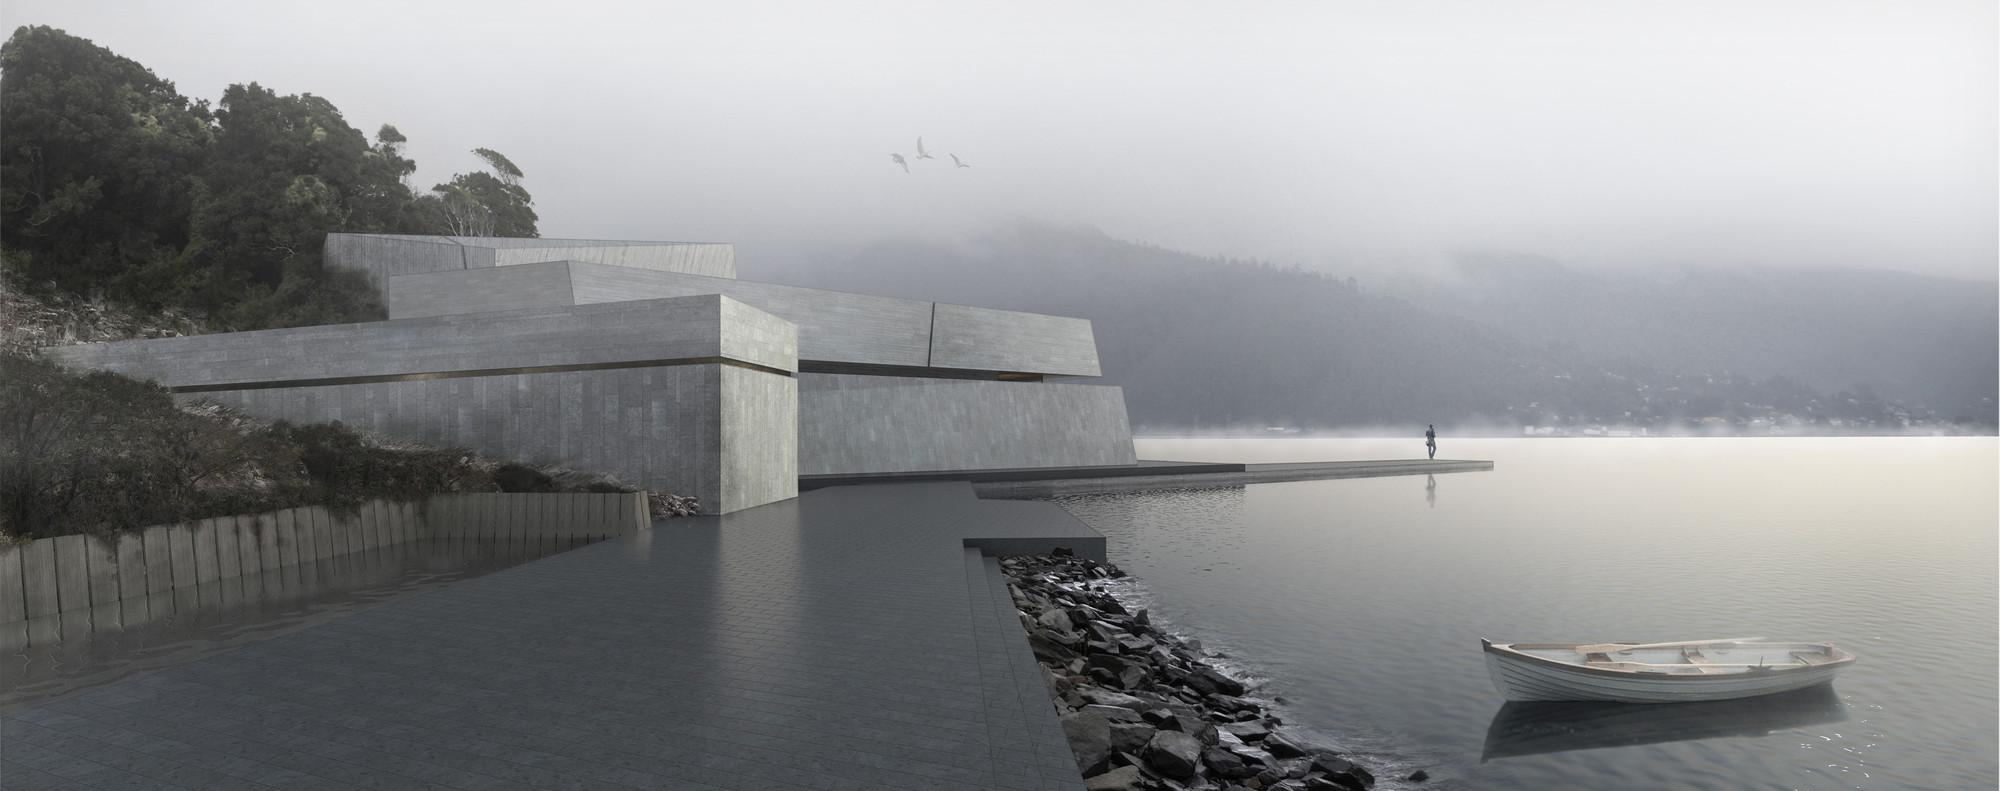 Plataforma Arquitectura | El sitio web de arquitectura más leído en